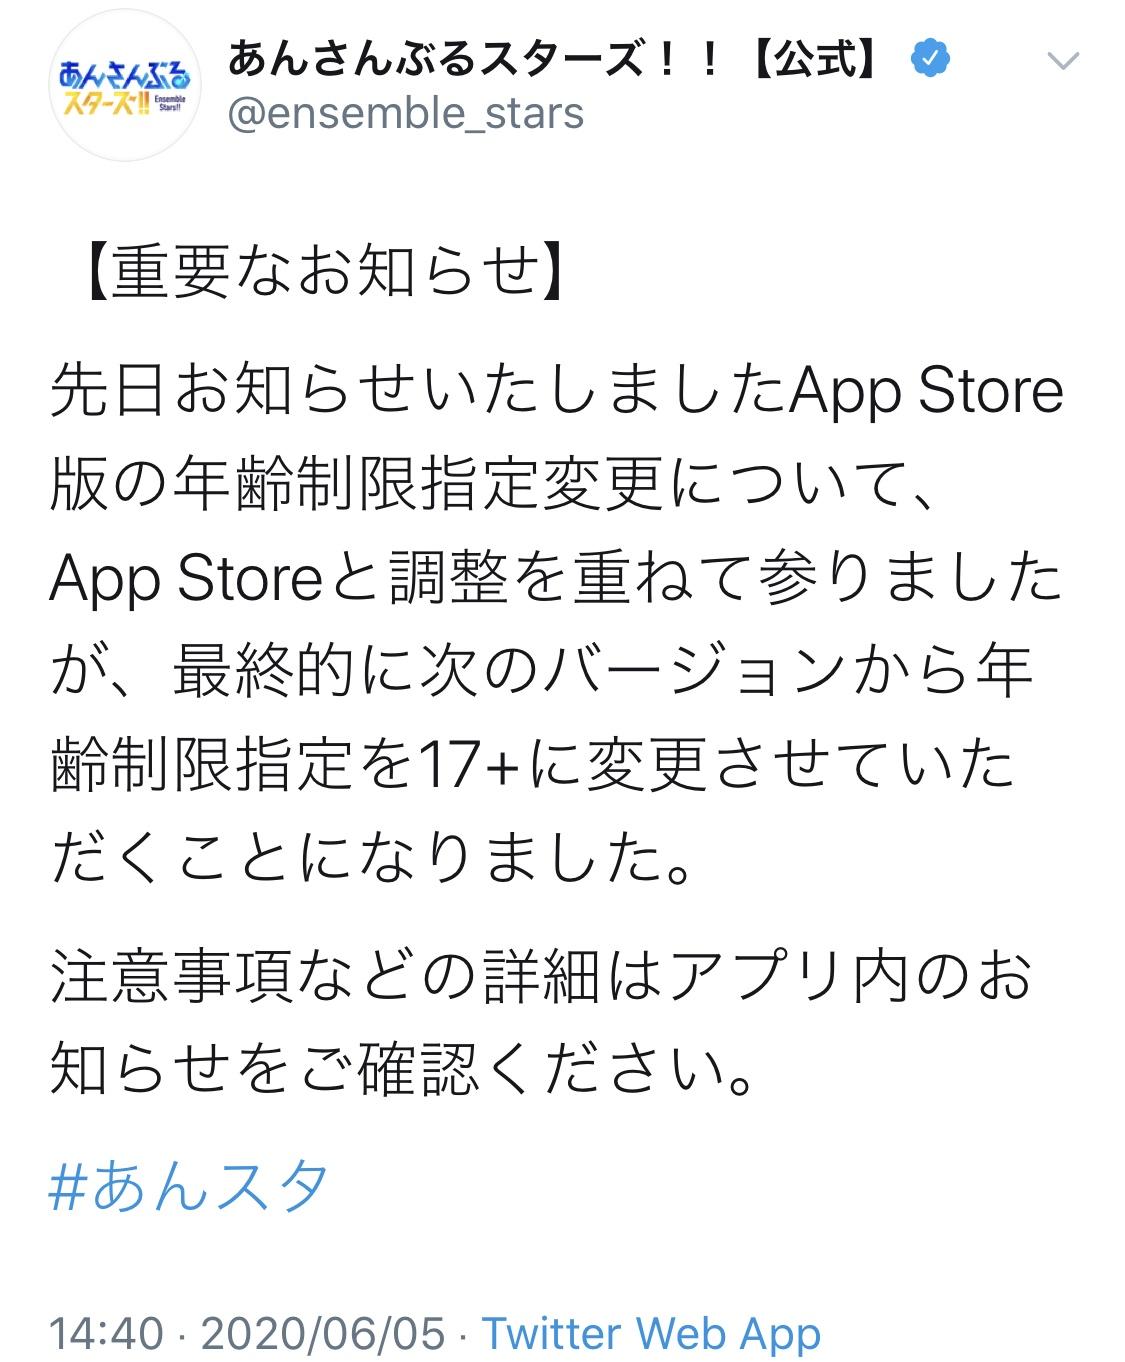 1 5 - アイドルを題材にした人気ソシャゲ、テキストだけでAppleからR17の年齢制限を食らう。